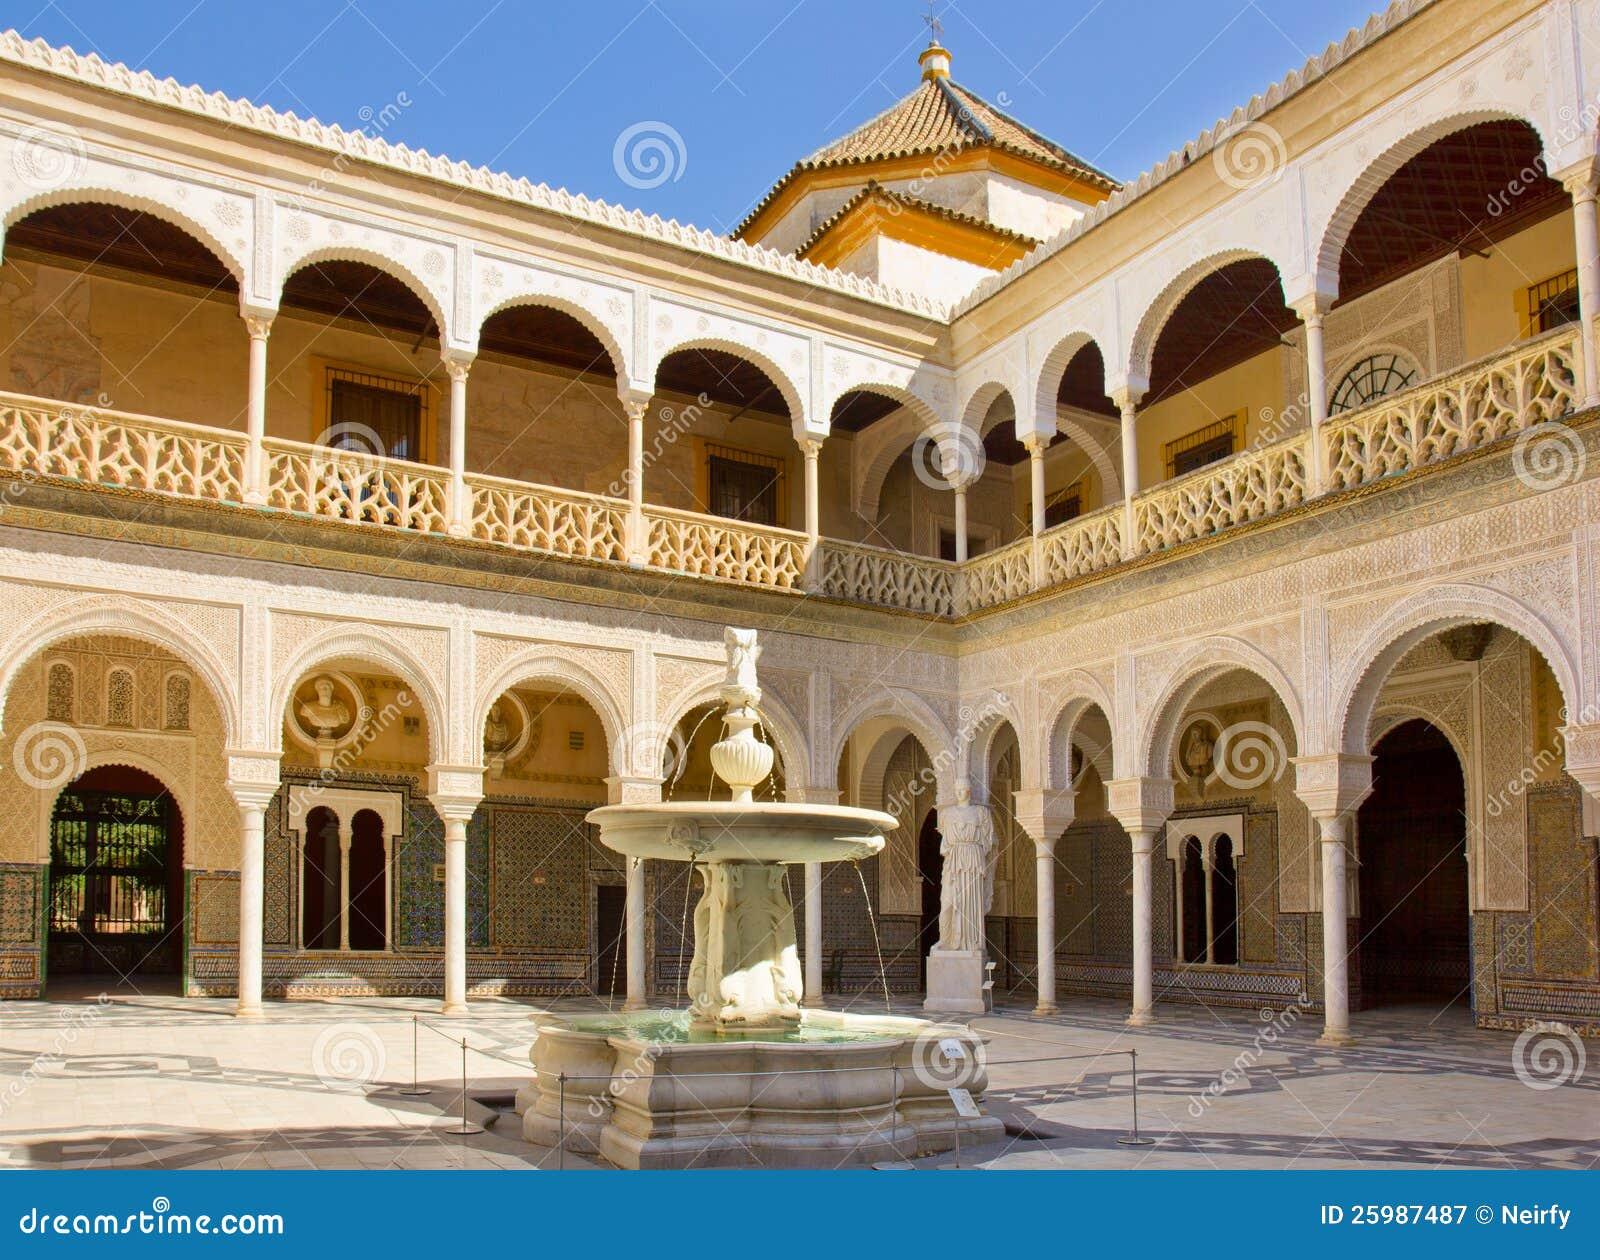 Casa de pilatos seville andalusia spain stock image for Casas de sofas en sevilla